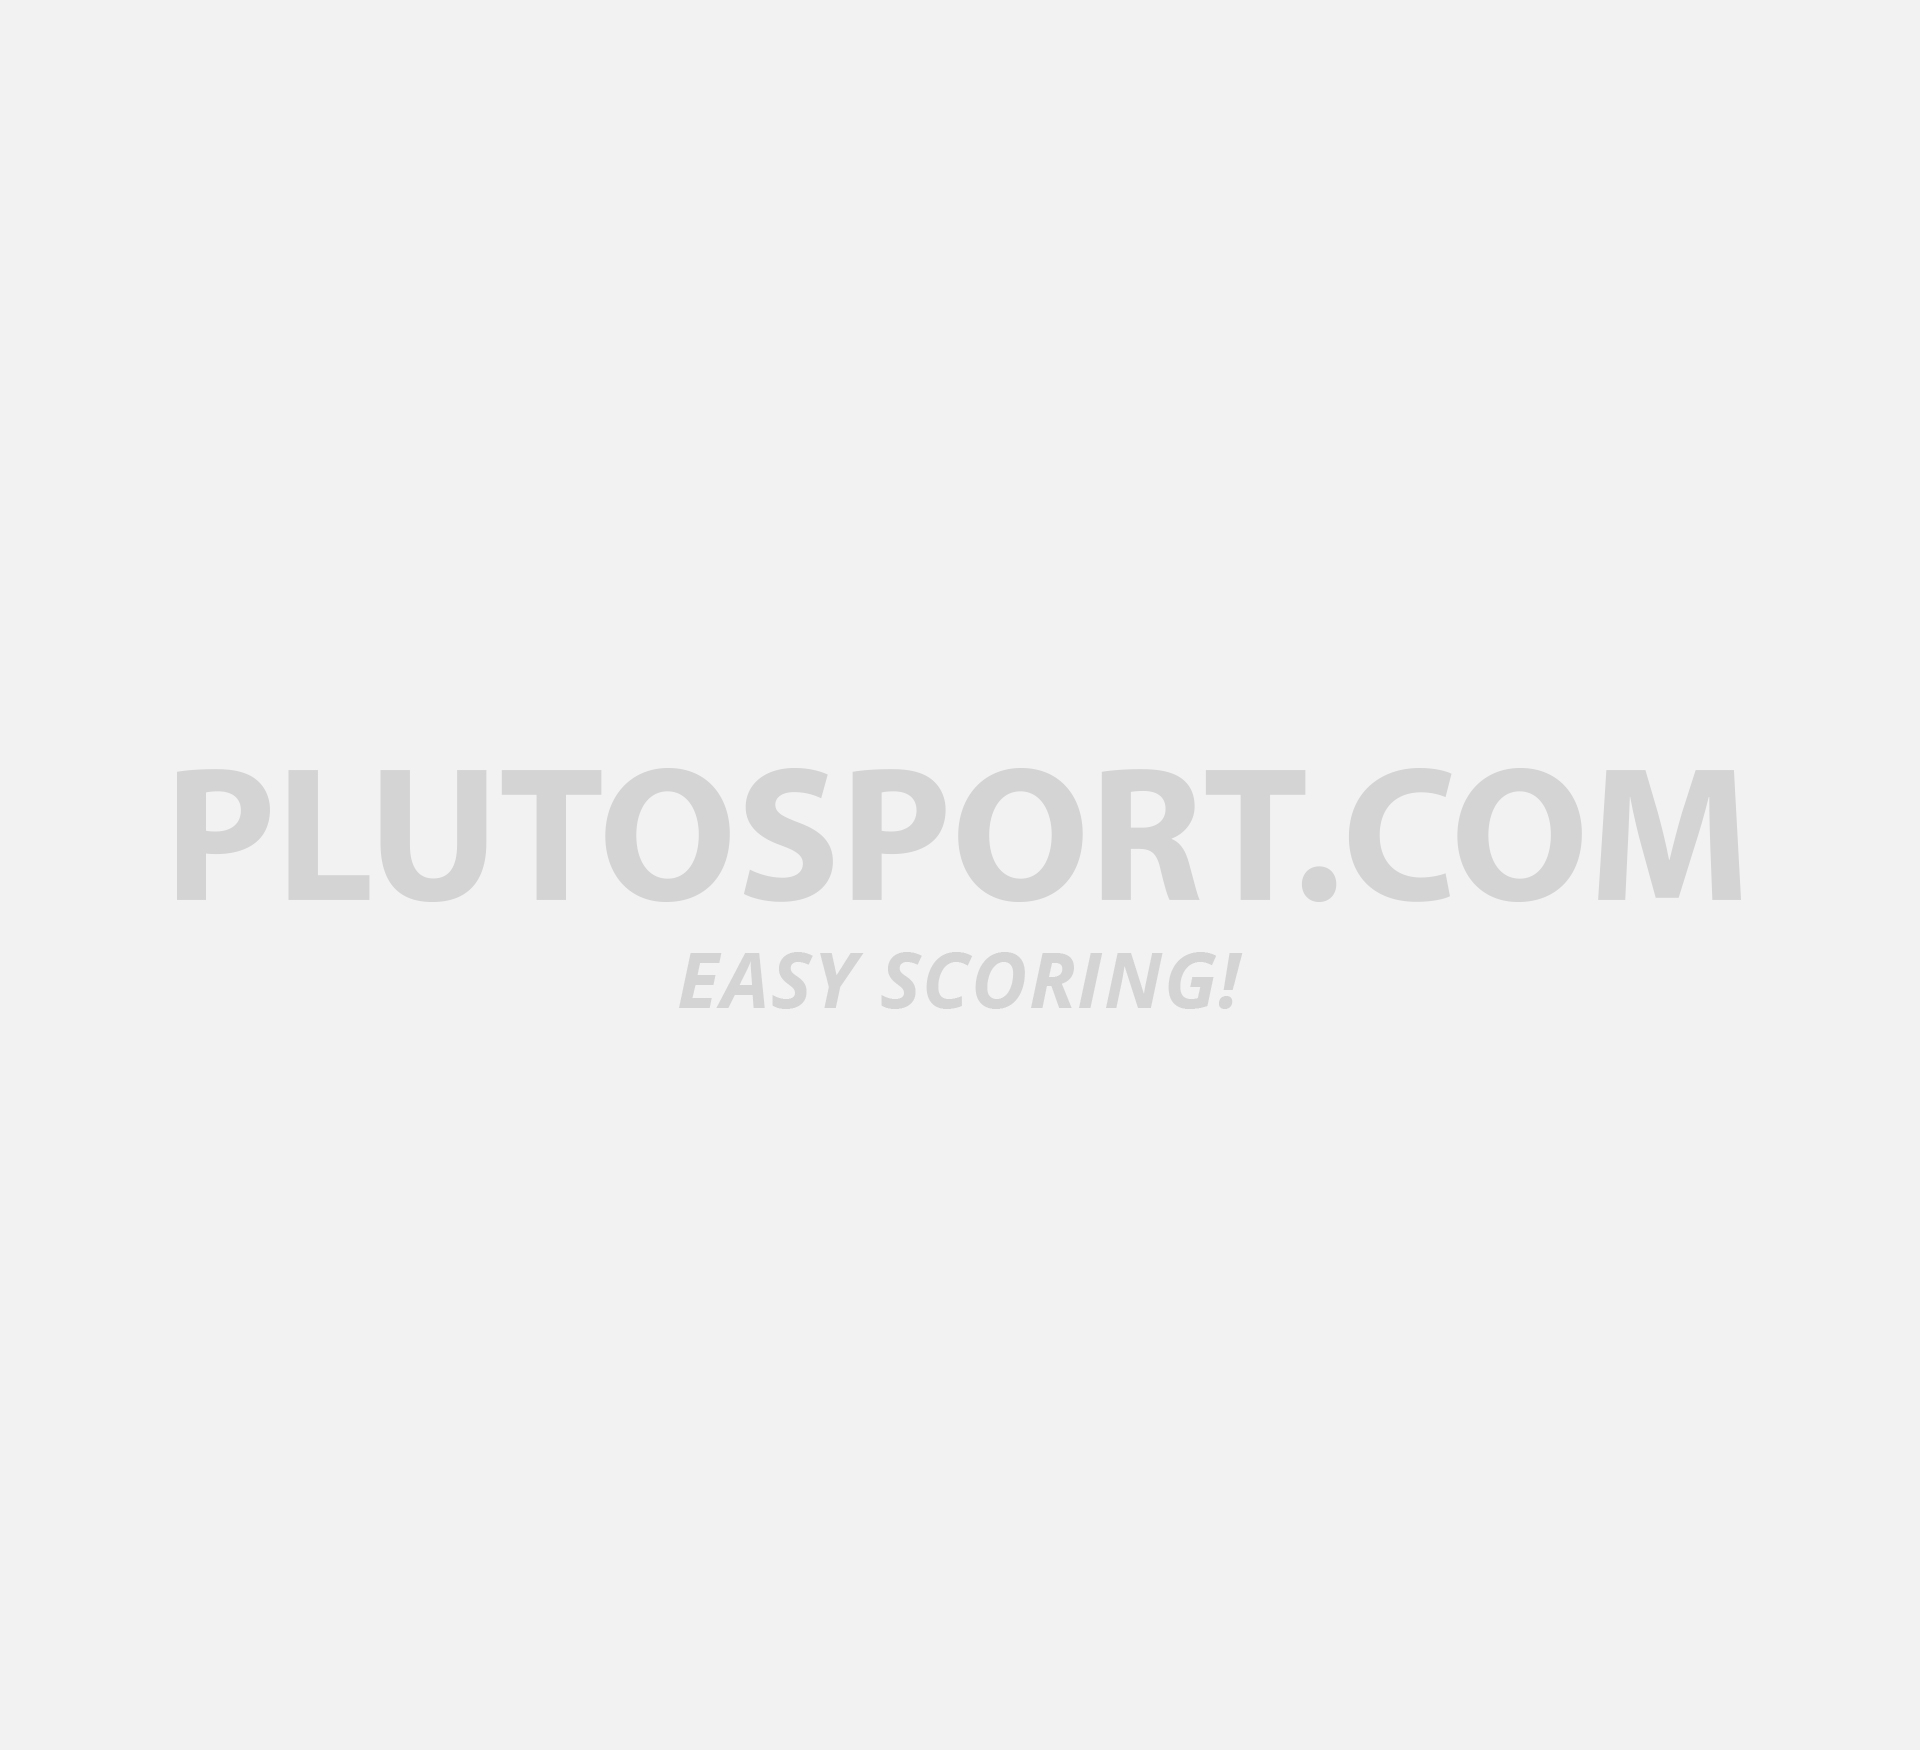 0e9f336b6f7 Salomon Evasion 2 GTX Surround - Low shoes - Shoes - Outdoor ...